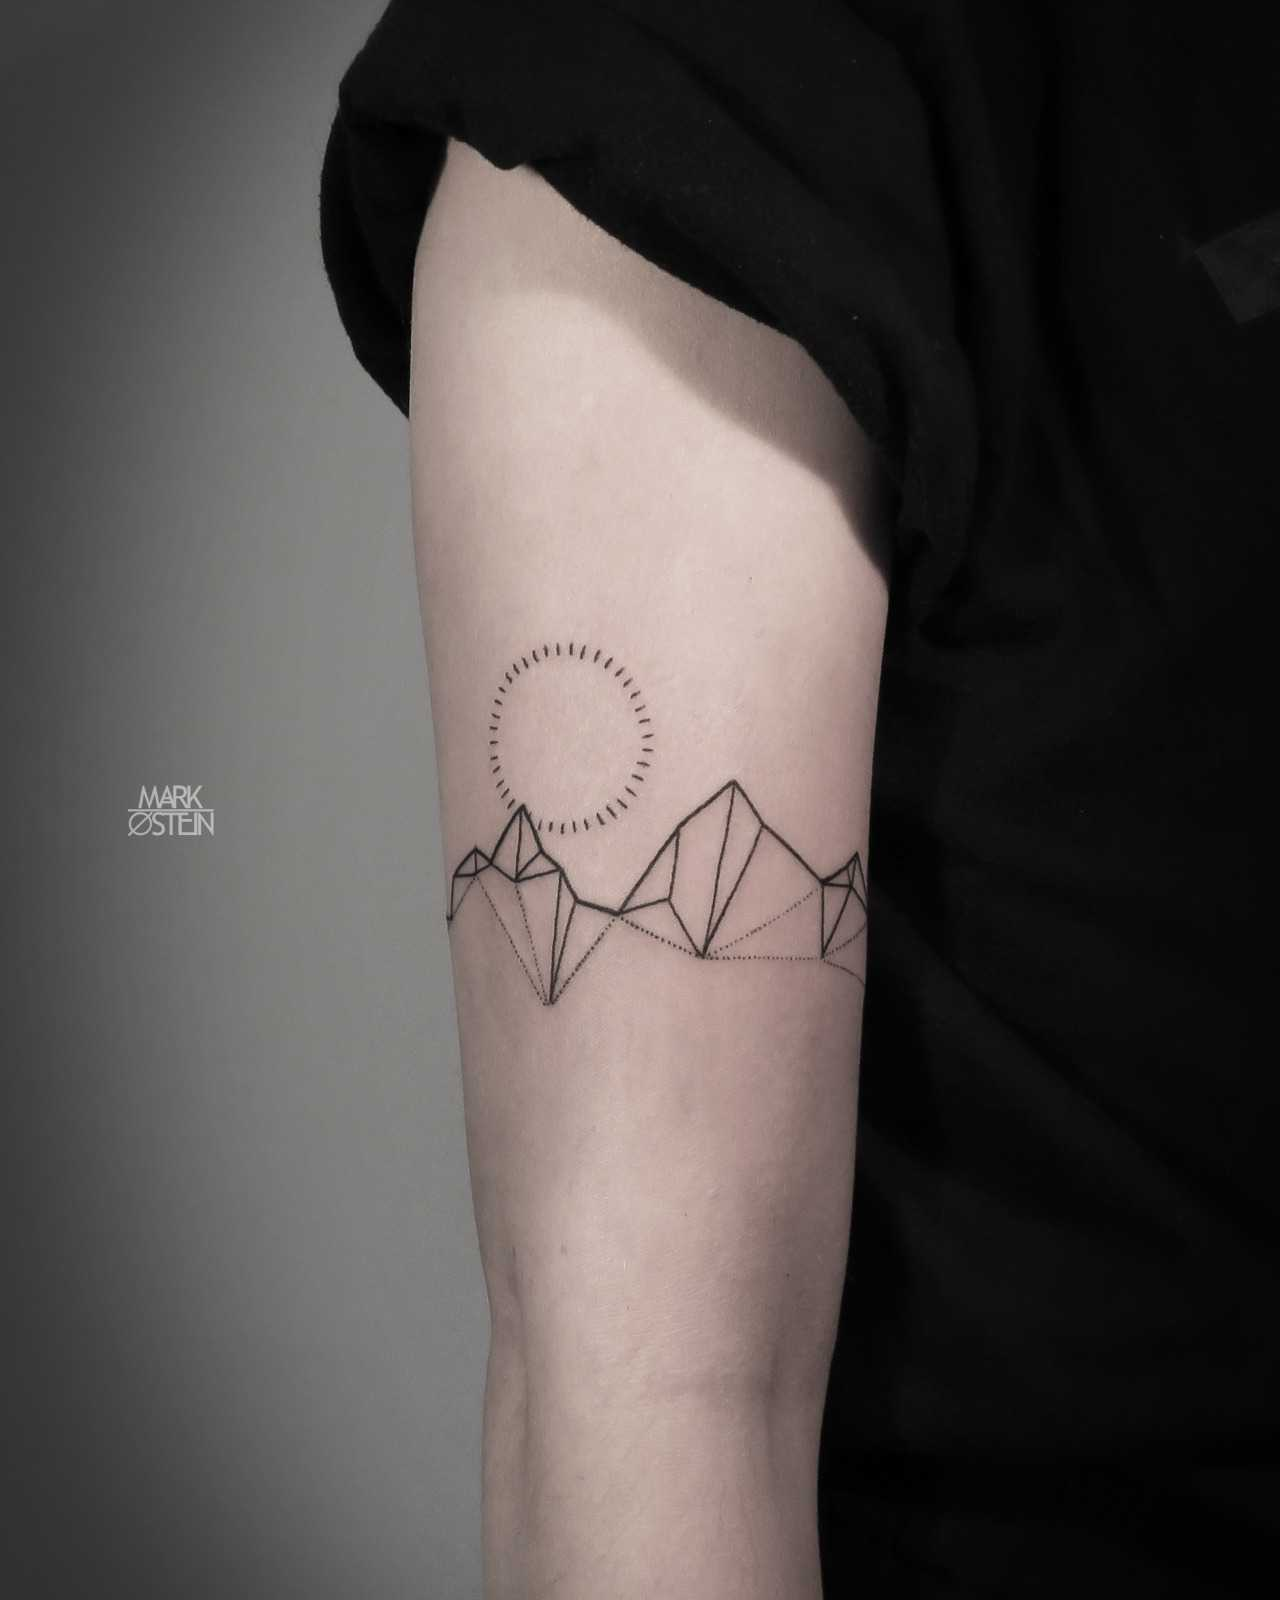 Minimalist geometric mountains tattoo - Tattoogrid.net